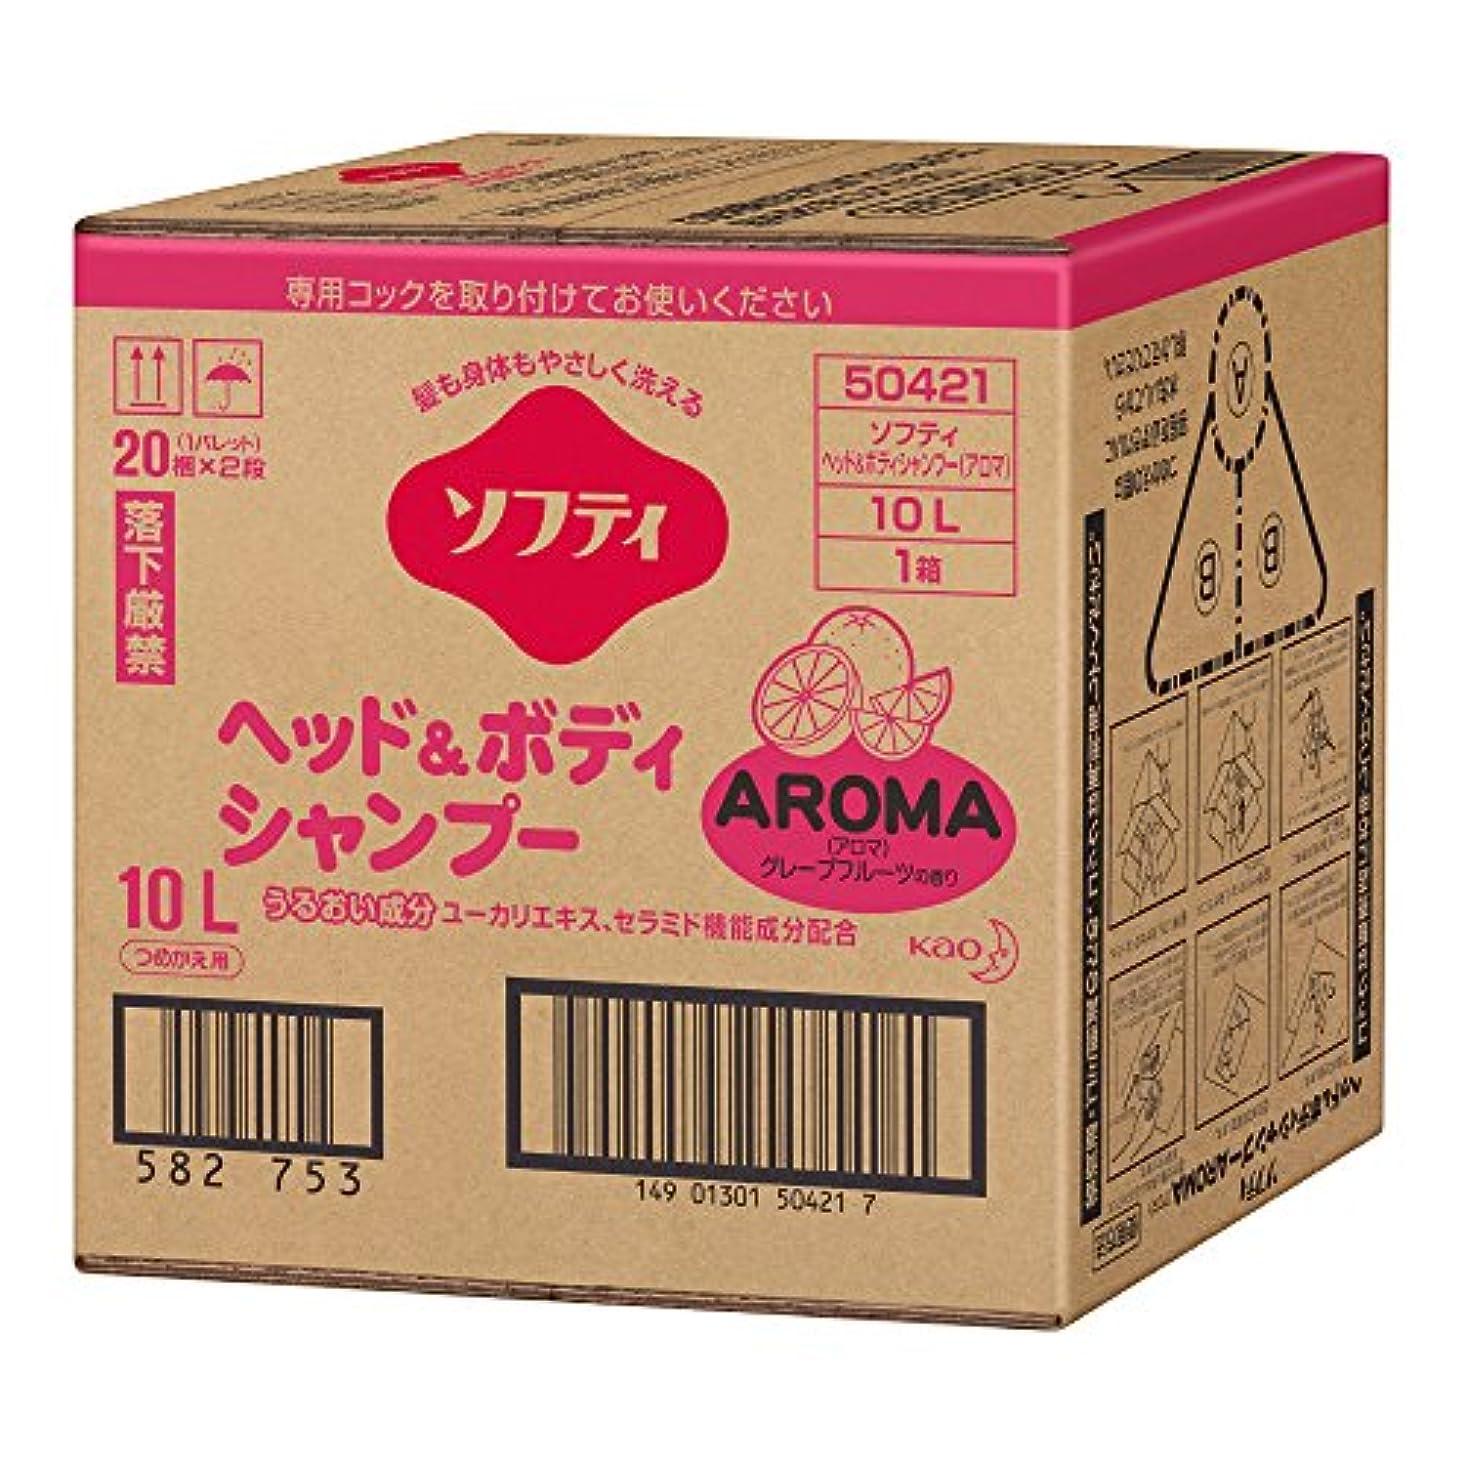 名門略す休憩ソフティ ヘッド&ボディシャンプーAROMA(アロマ) 10L バッグインボックスタイプ (花王プロフェッショナルシリーズ)